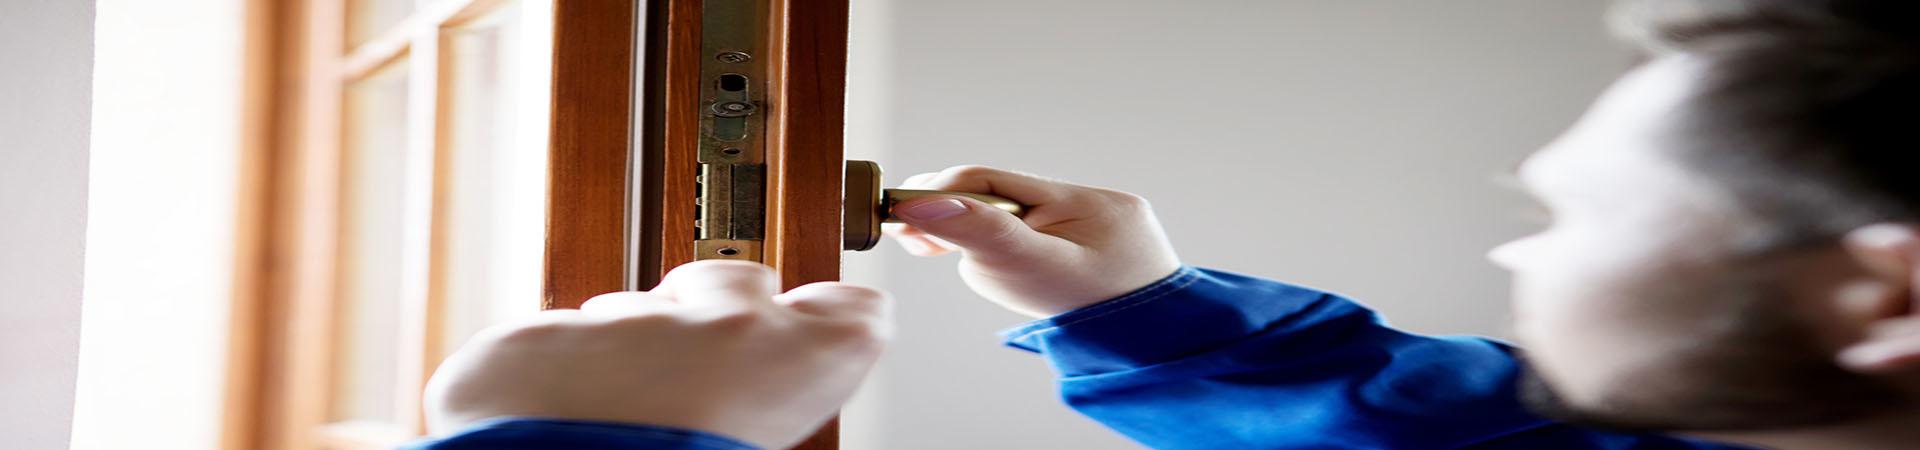 Forma E Colori Treviglio manutenzione straordinaria serramenti treviglio | cogein